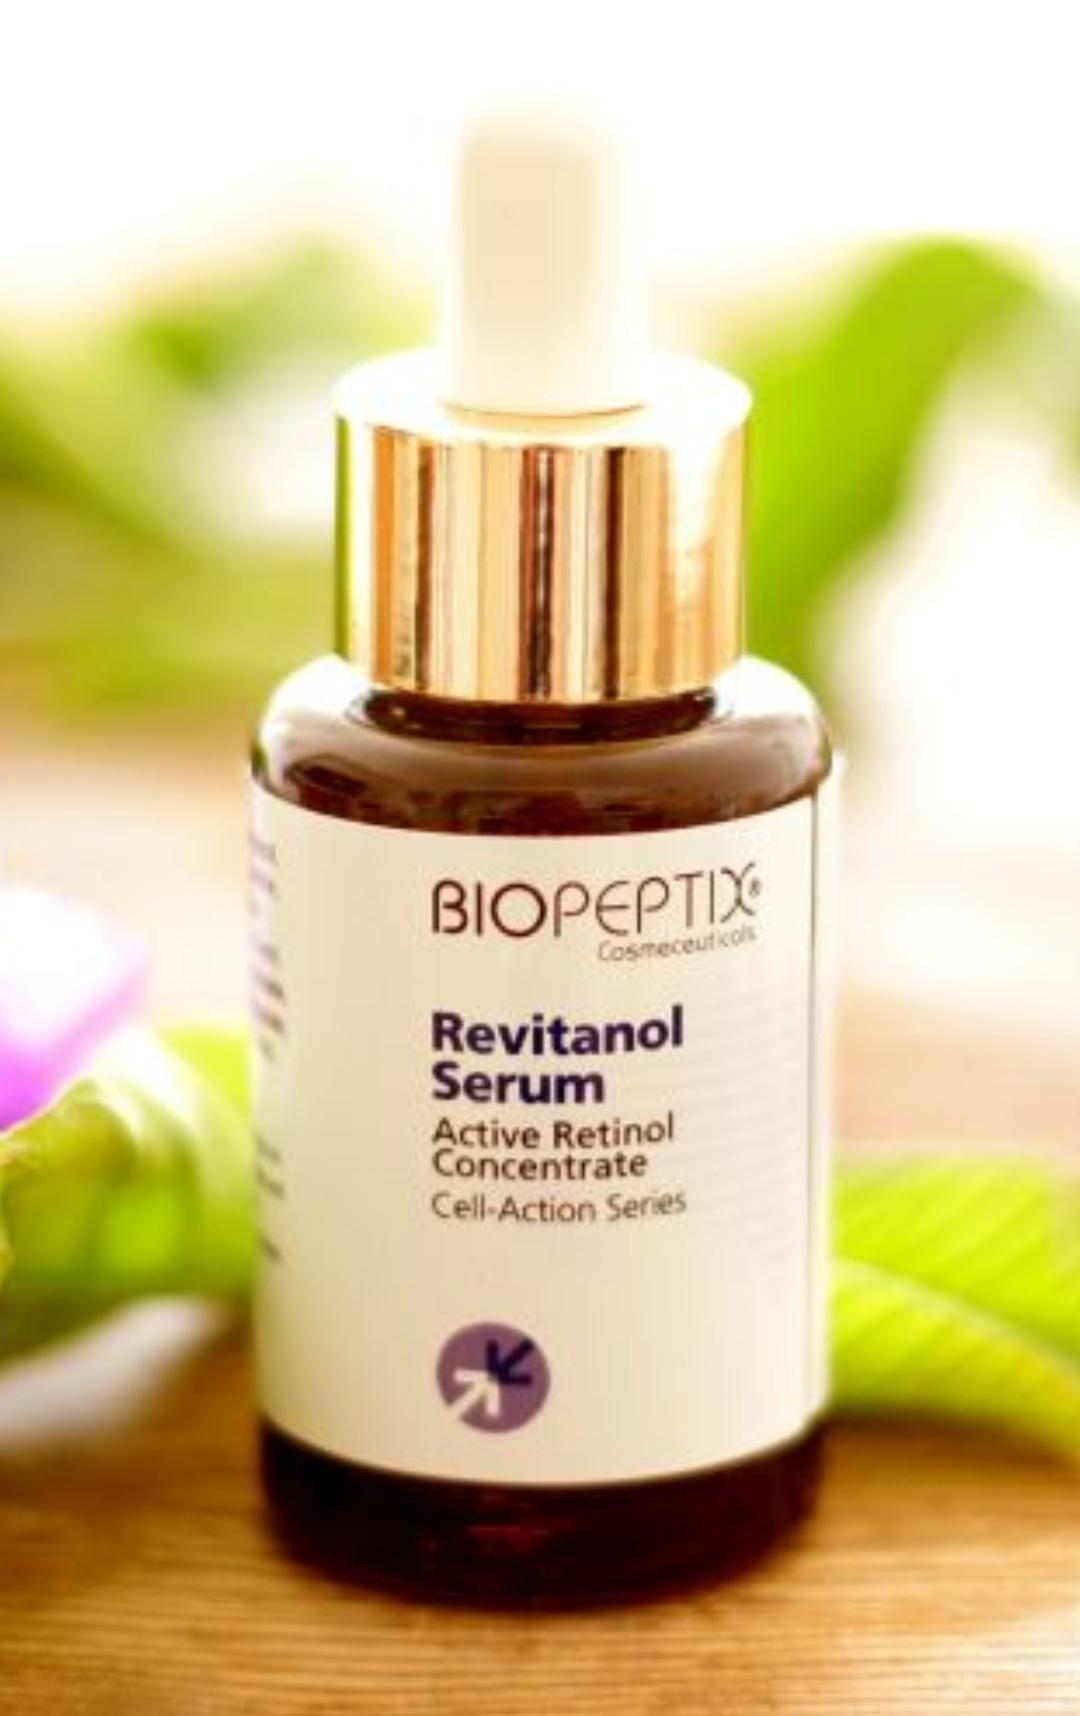 סרום Revitanol של Biopeptix